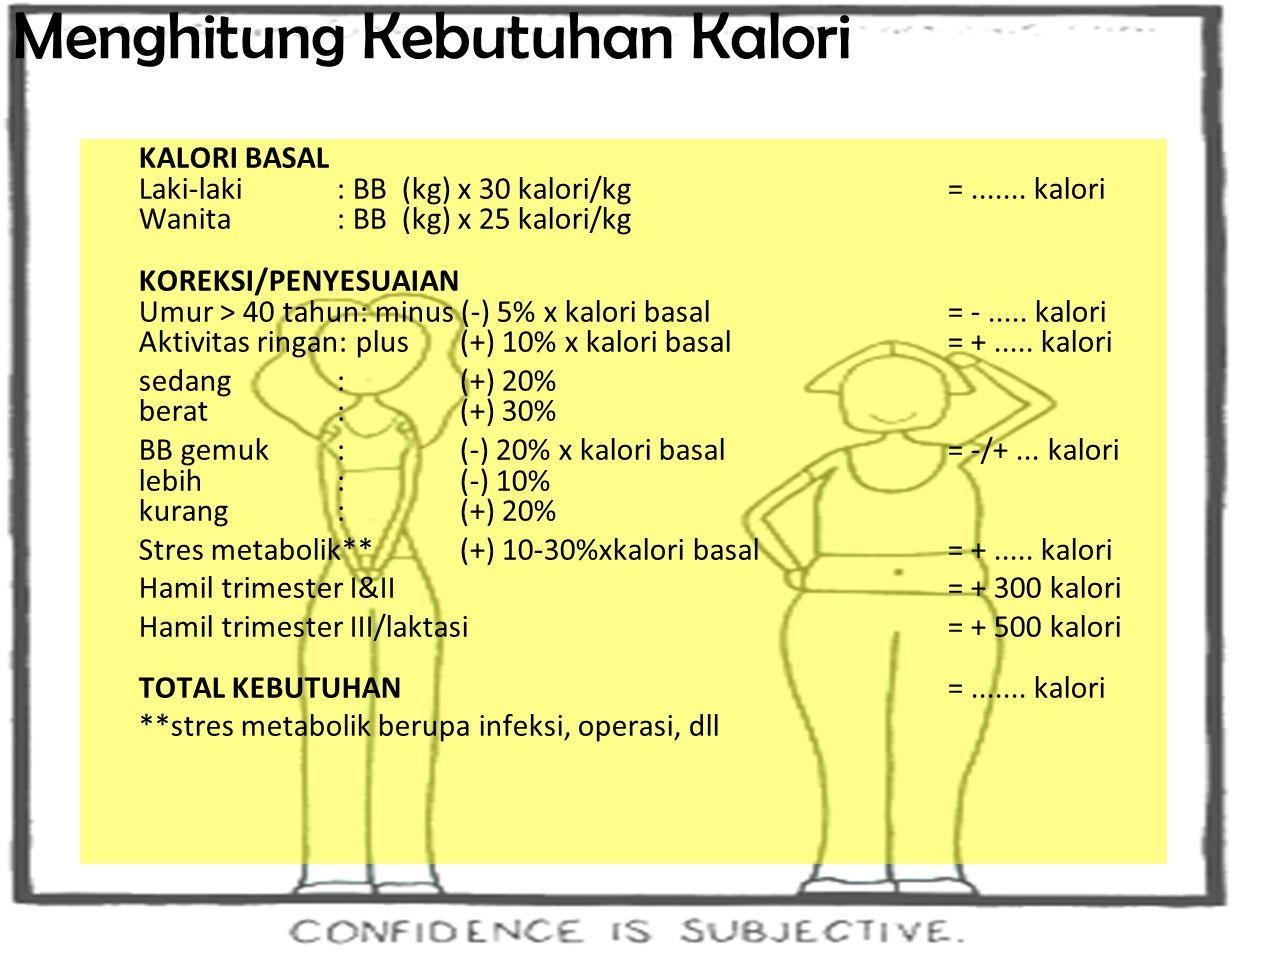 Menghitung Kebutuhan Kalori